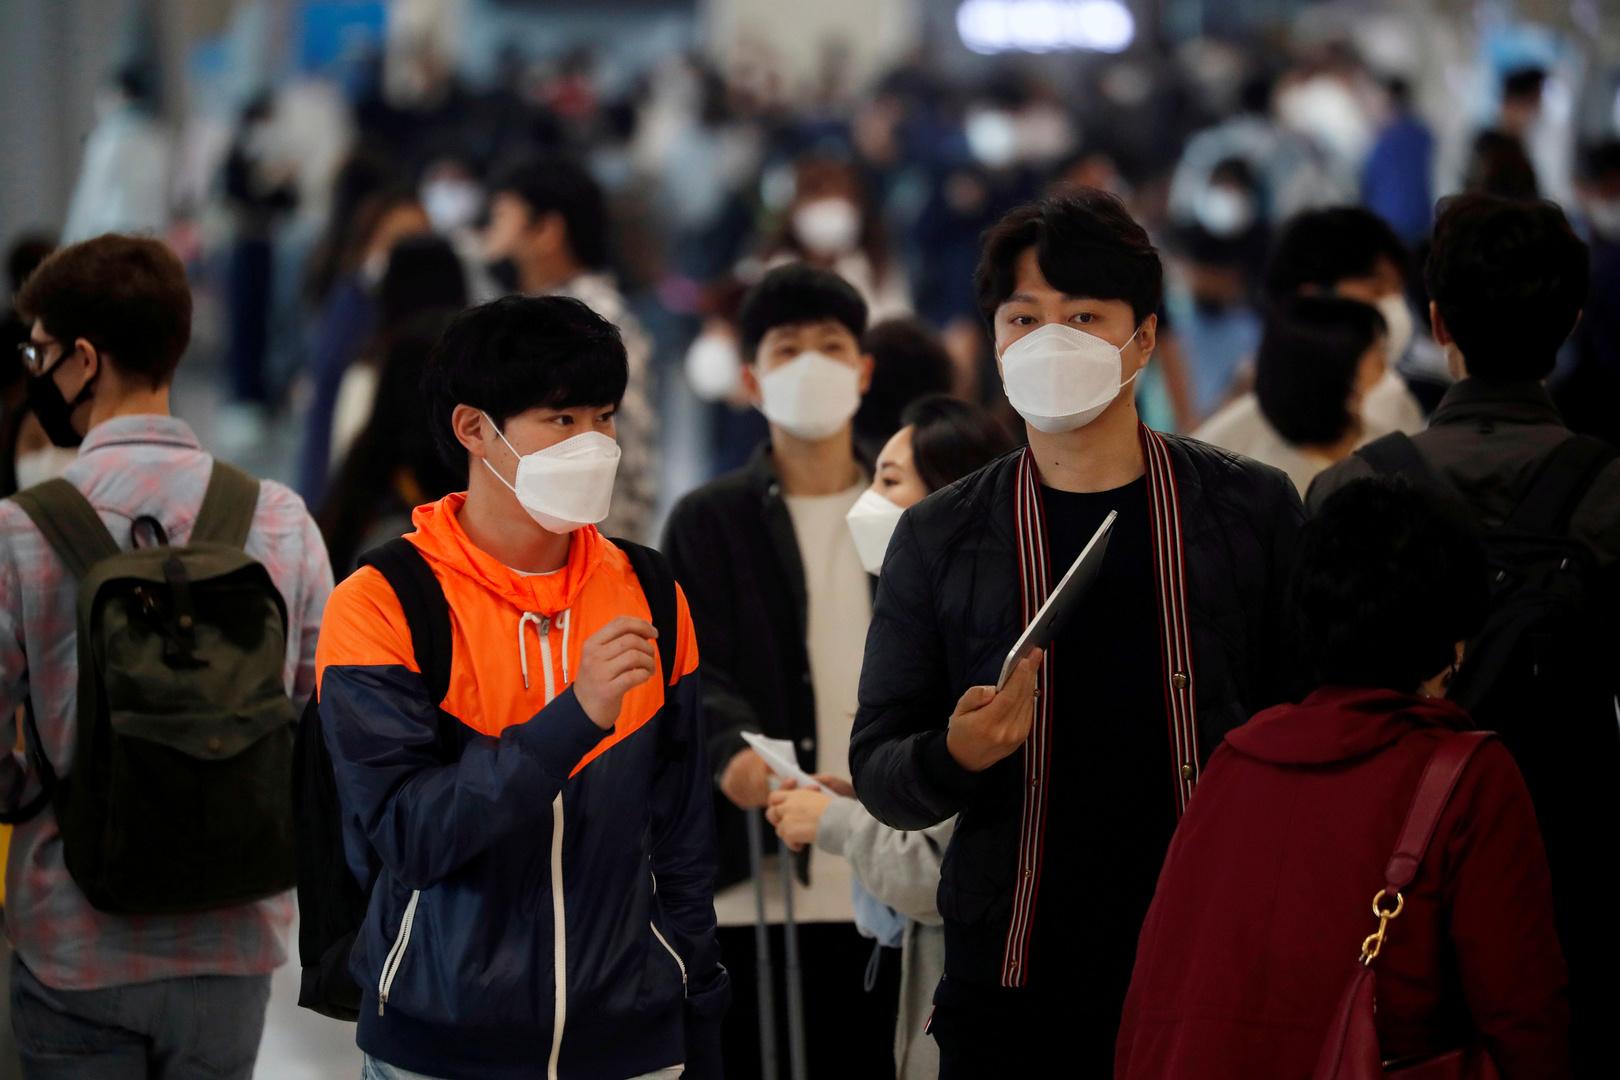 كوريا الجنوبية تسجل أكبر عدد إصابات بكورونا منذ 49 يوما